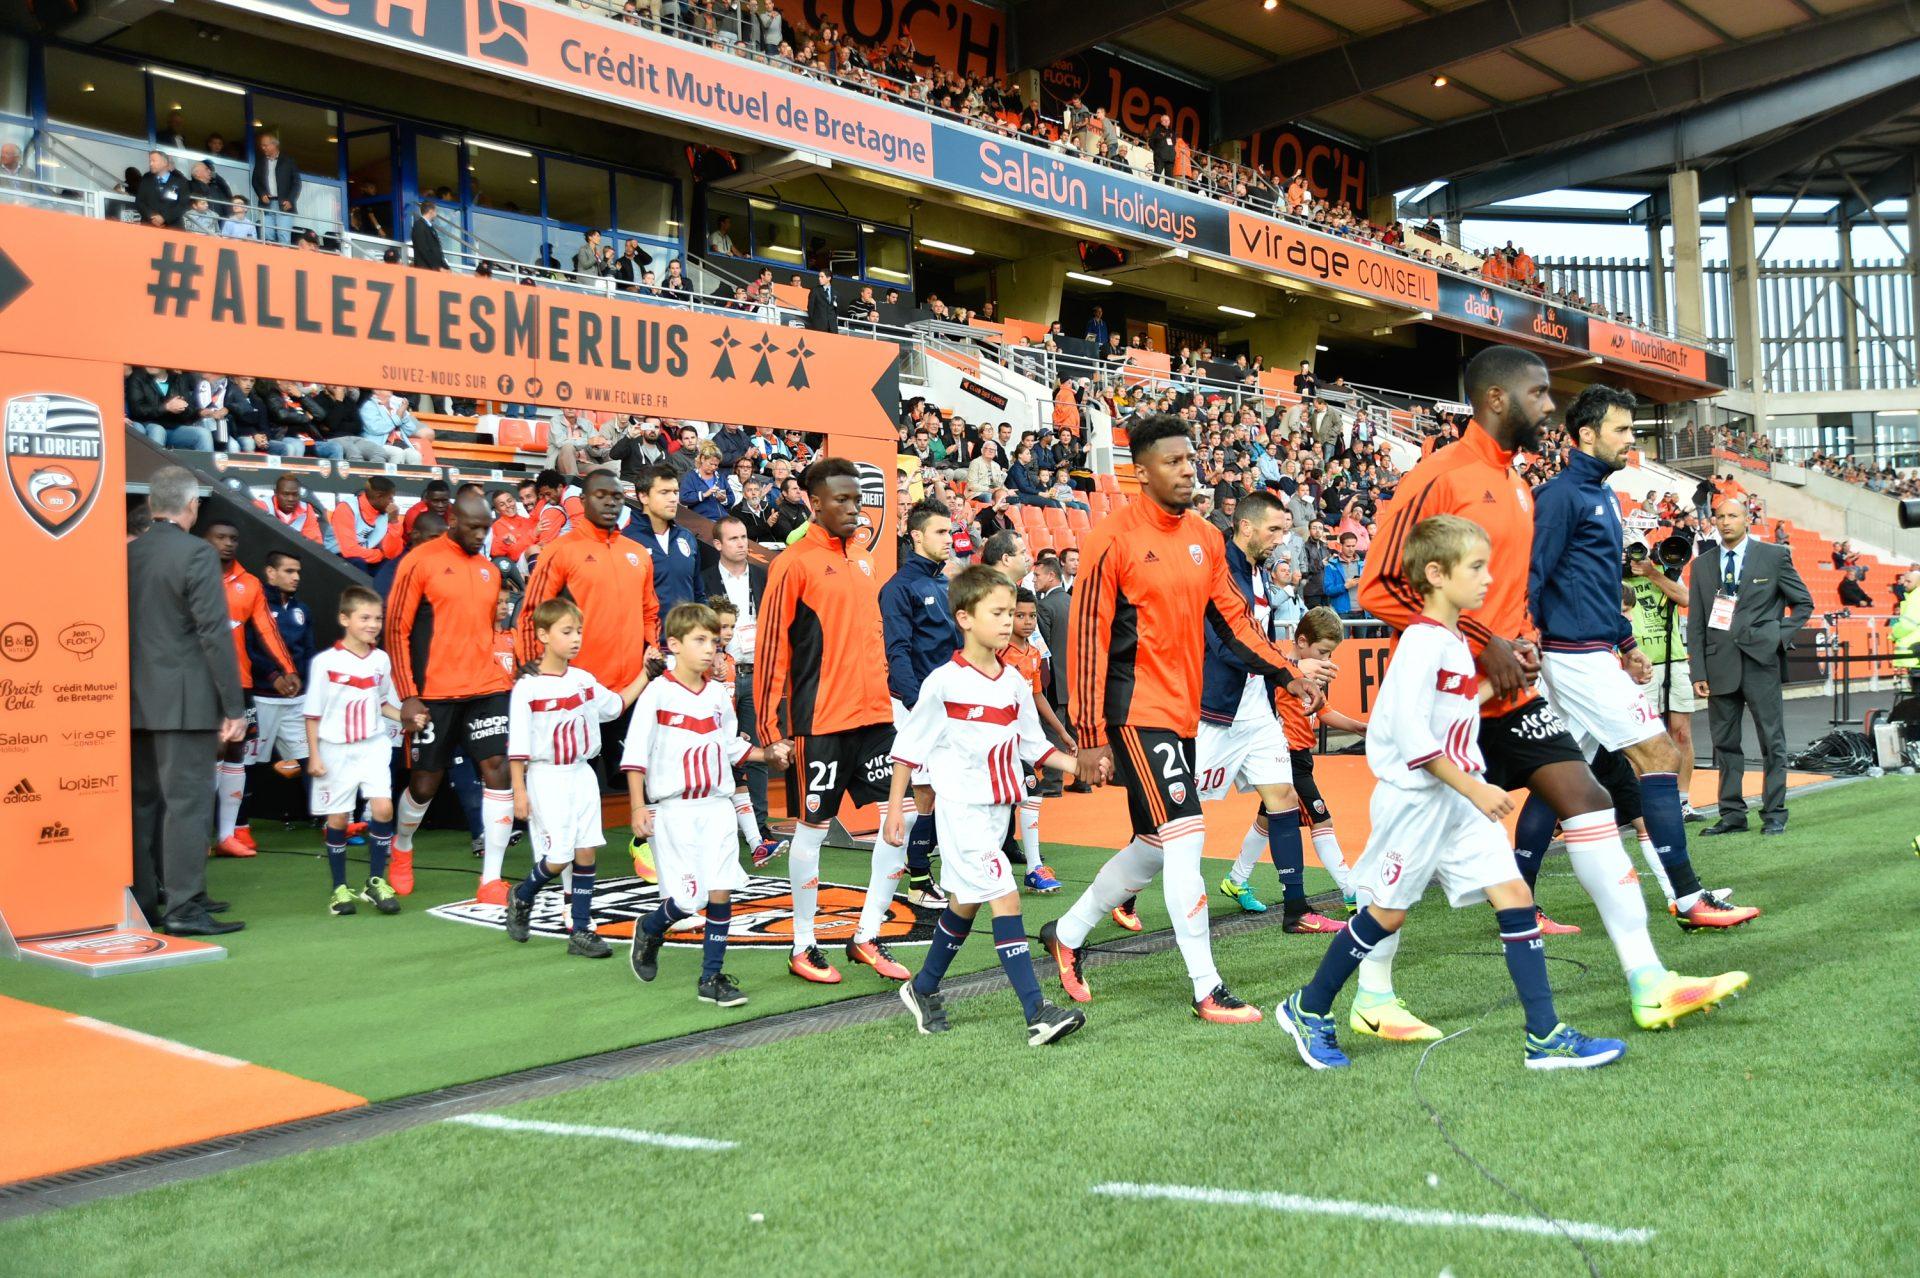 Ligue 2, Lorient-Chateauroux 11 gennaio: analisi e pronostico della giornata della seconda divisione calcistica francese